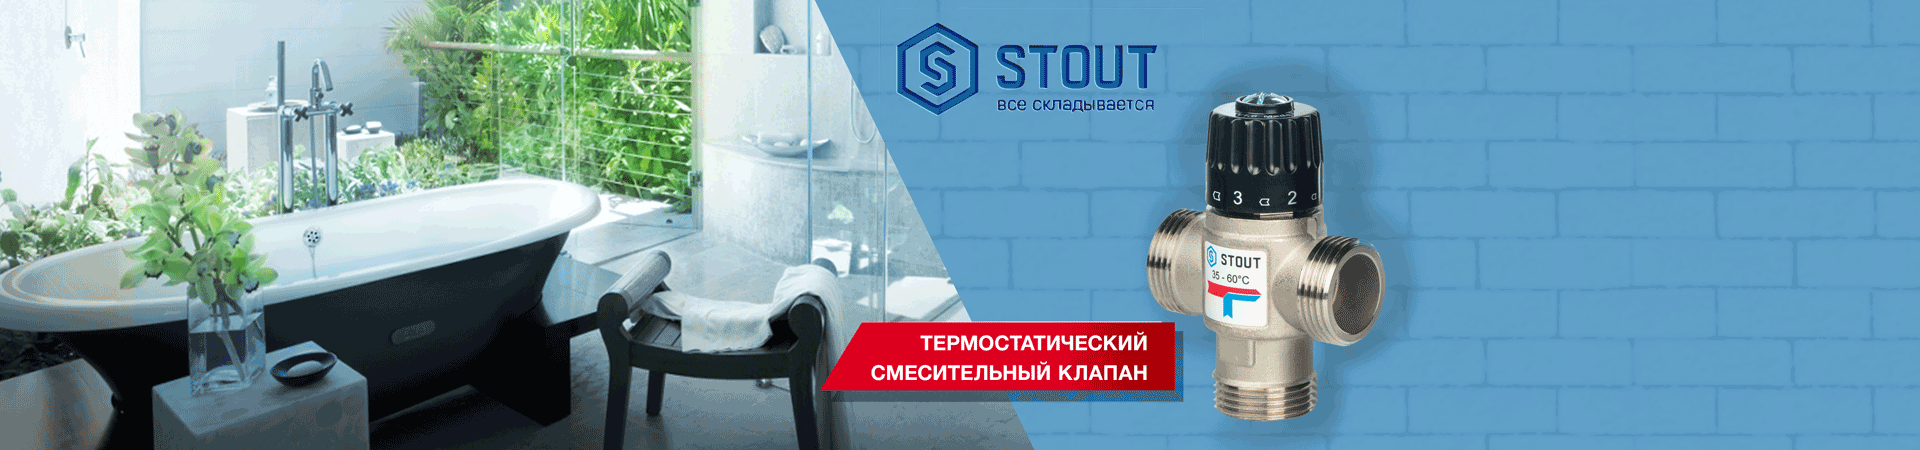 Stout_tsk